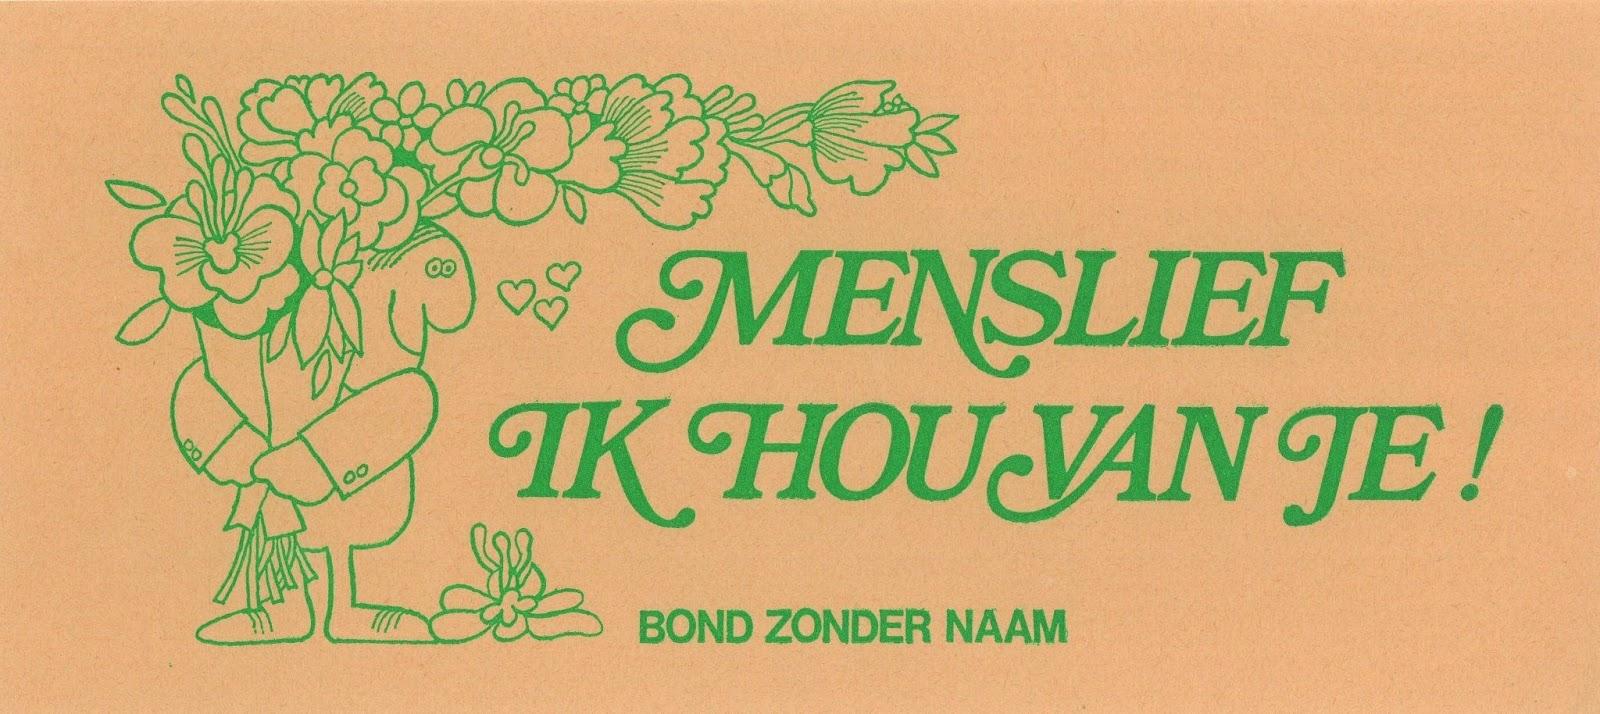 De Beste Spreuken Van Phil Bosmans Voor Bond Zonder Naam